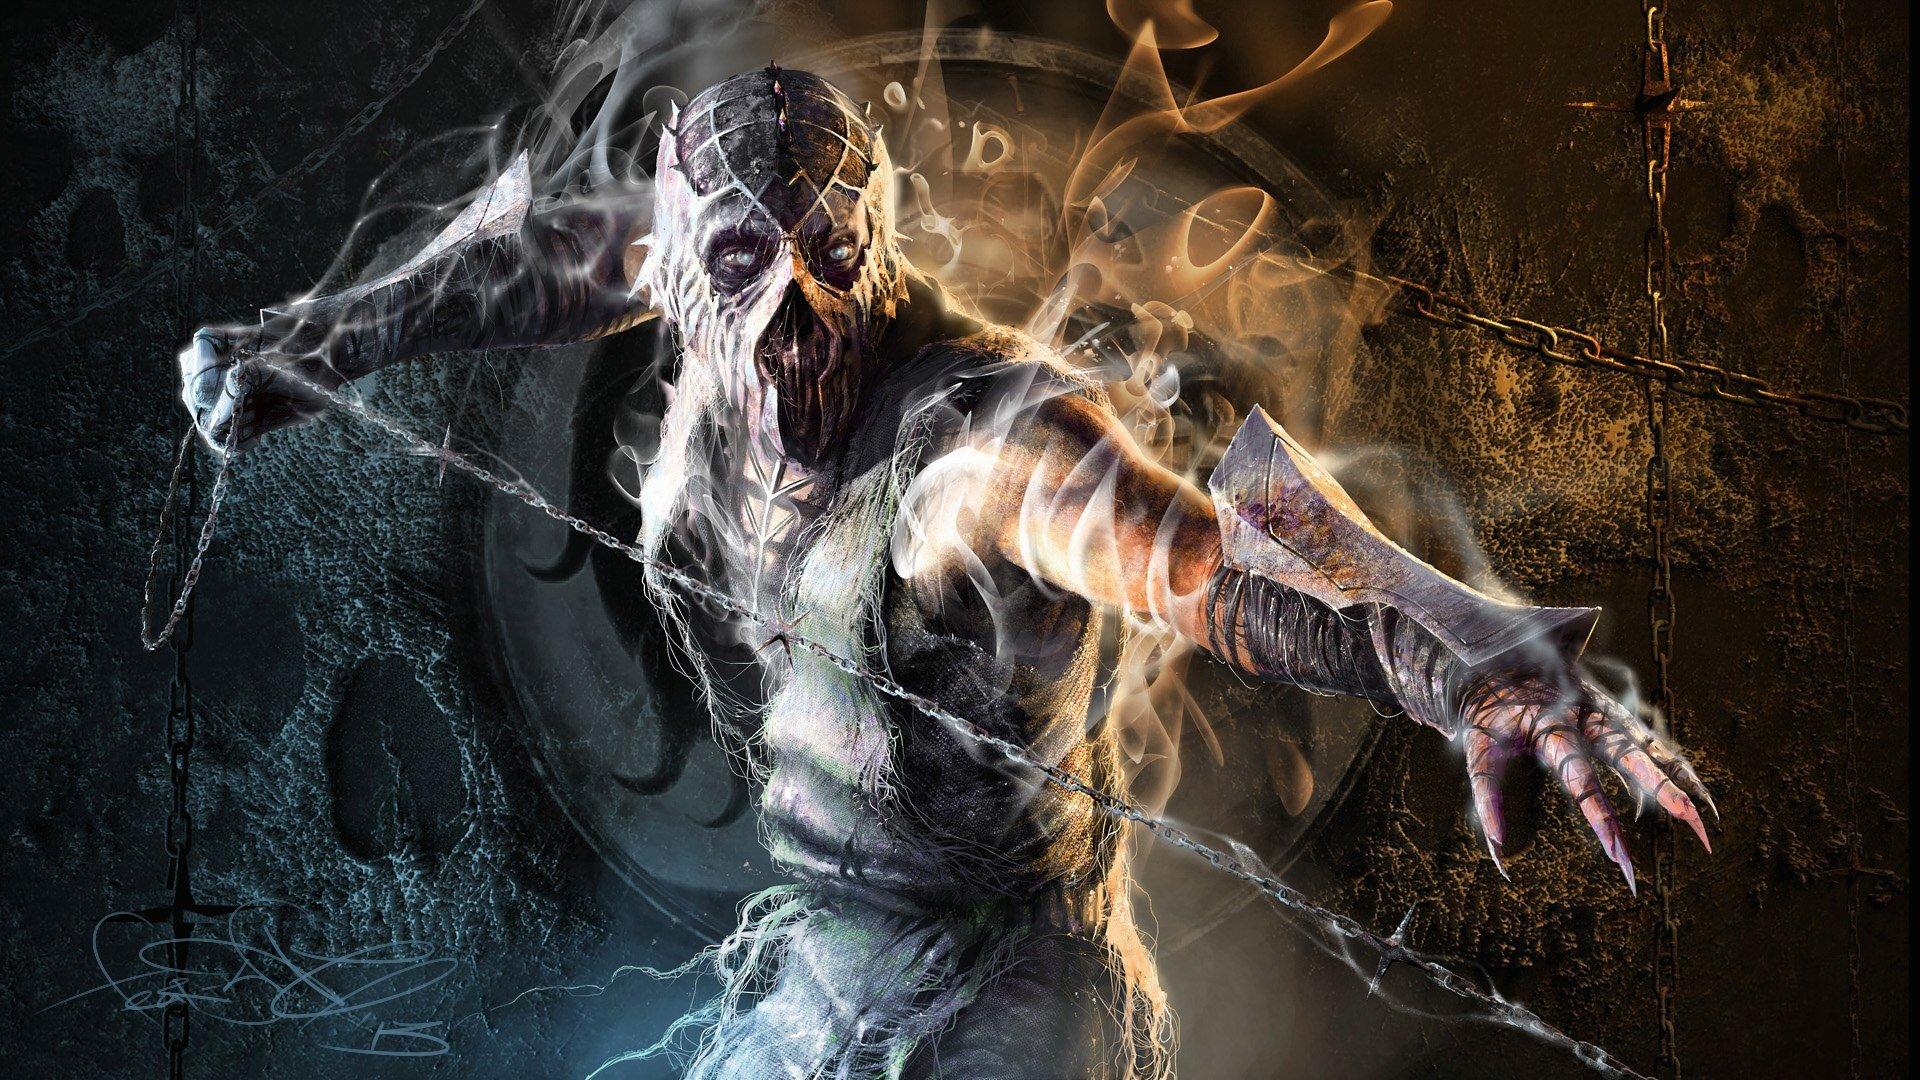 Art-Подборка Mortal Кombat. - Изображение 3